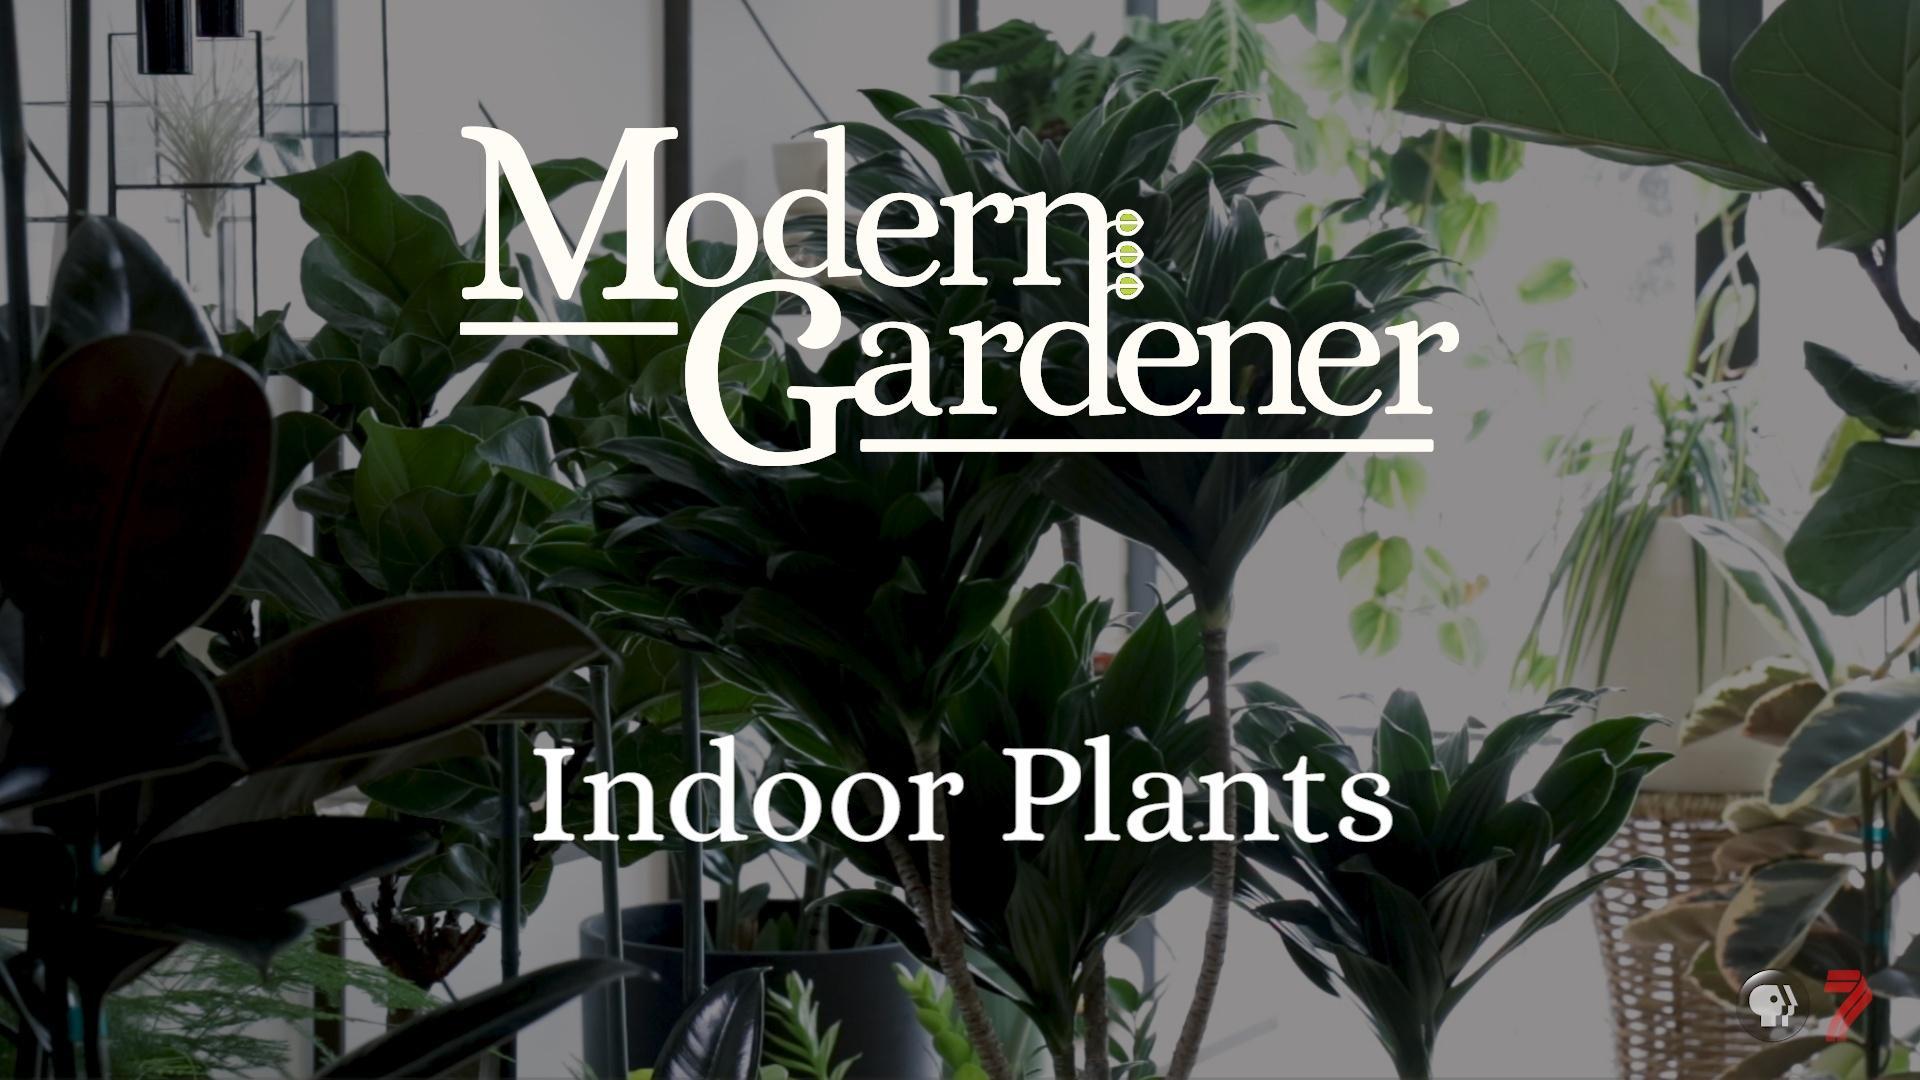 Modern Gardener Indoor Plants Episode 2 Pbs